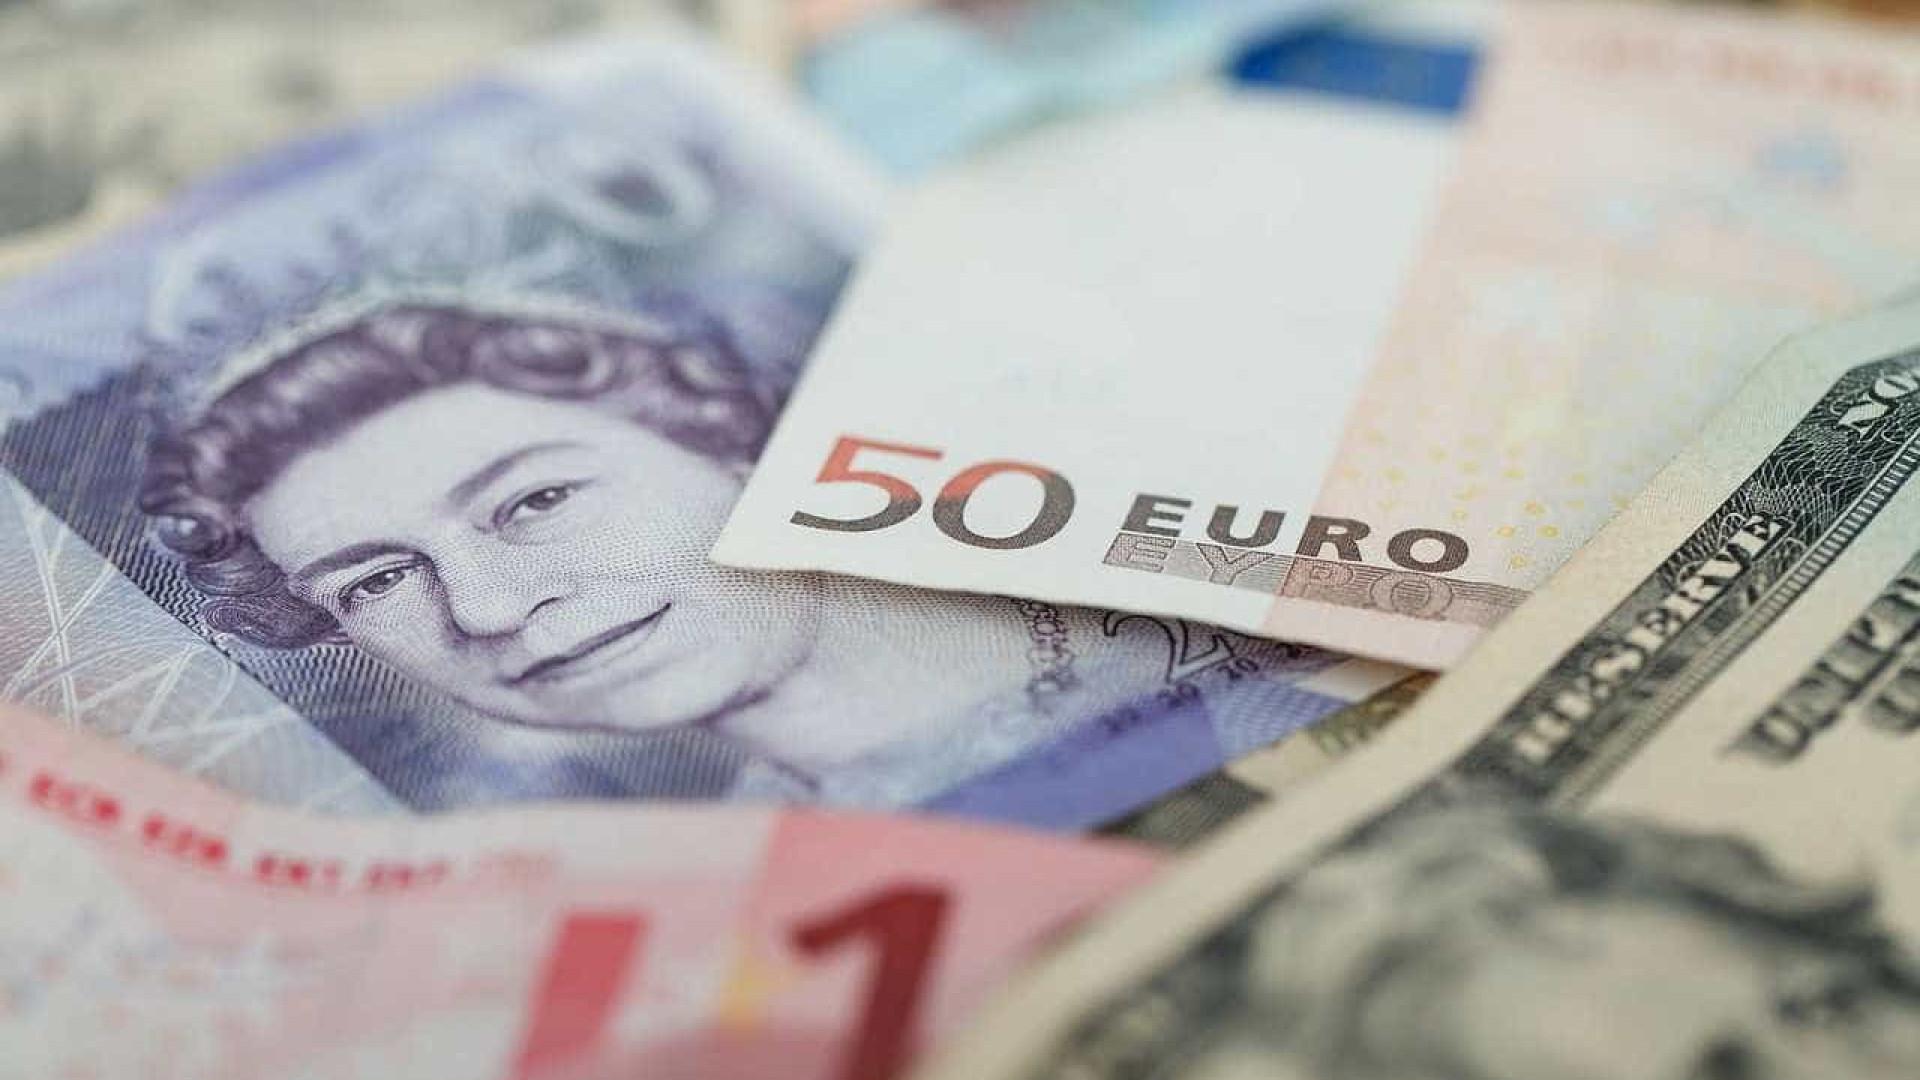 América Latina precisa ampliar integração financeira, diz FMI